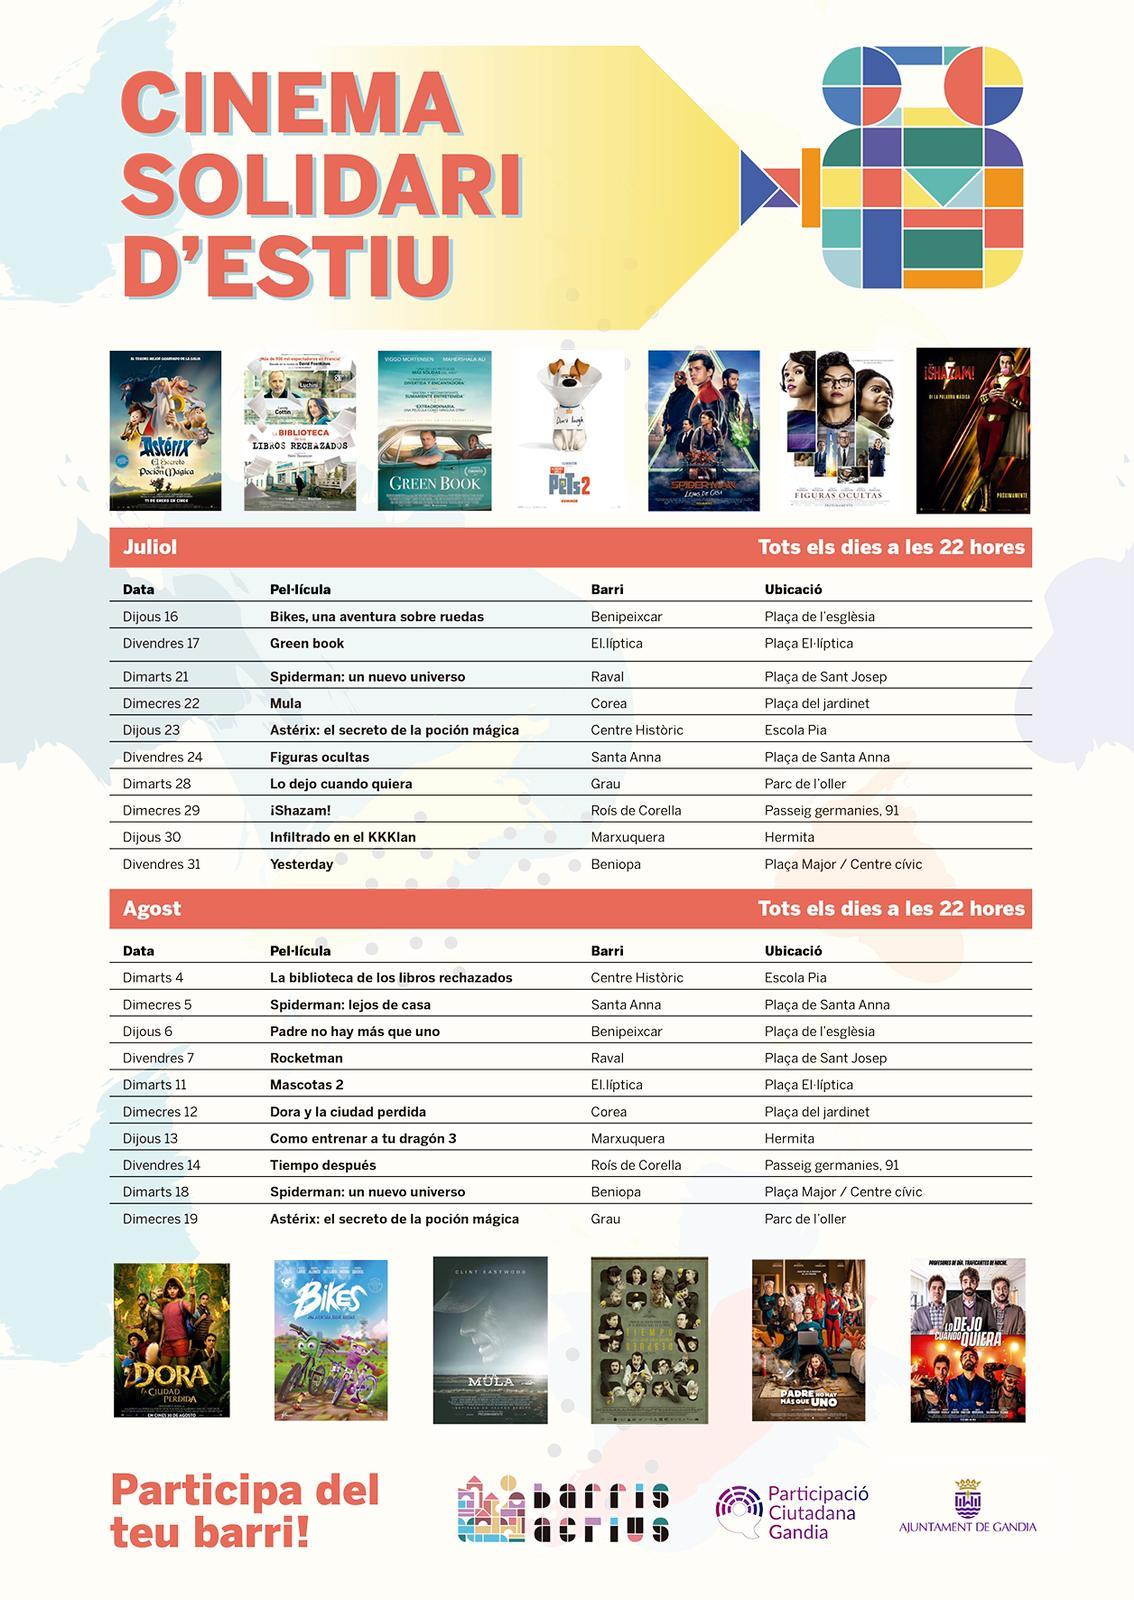 Cinema als barris Cultura Gandia